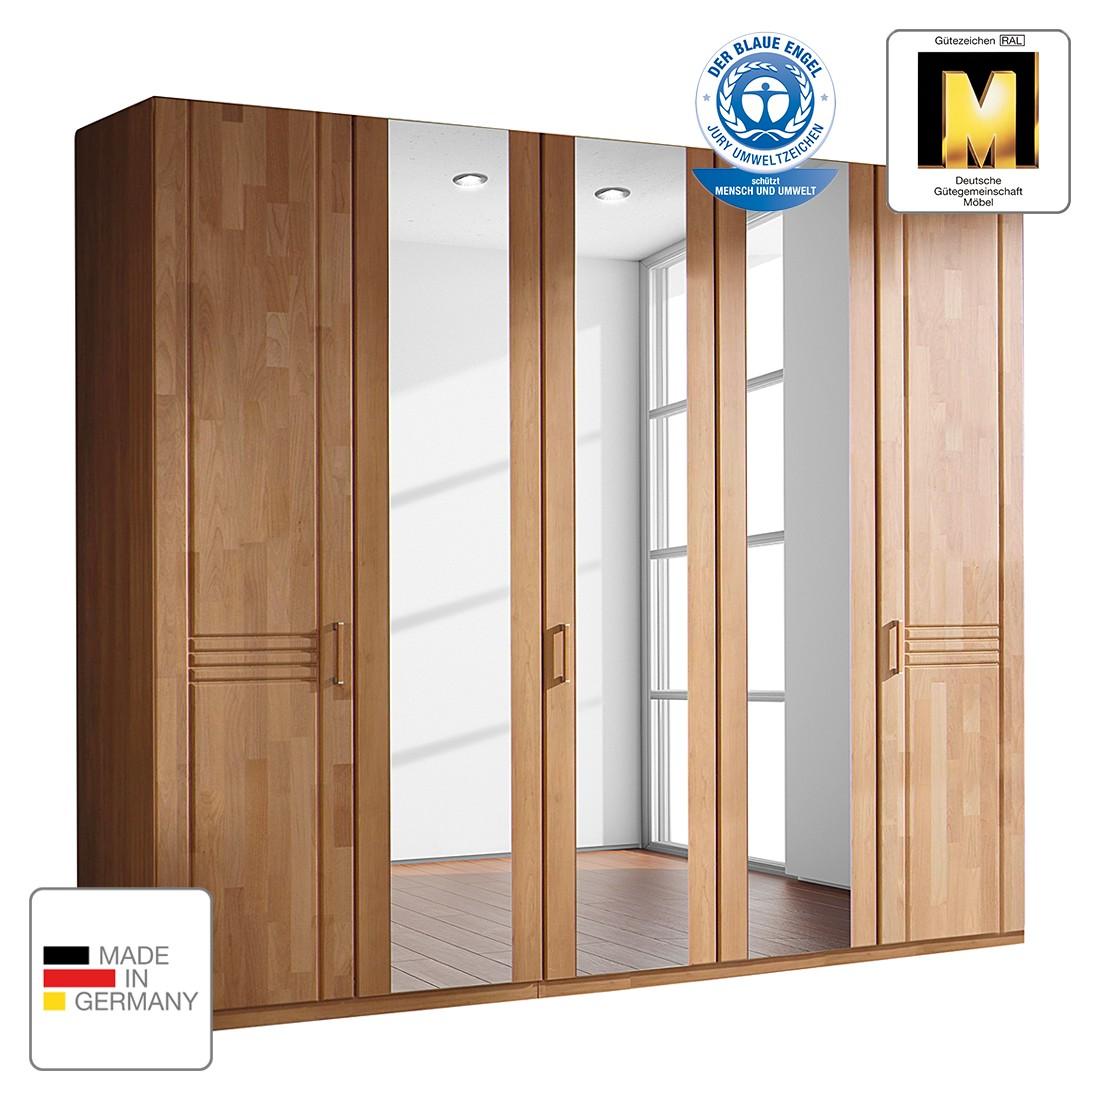 goedkoop Draaideurkast Savina Els 235cm 5 deurs 3 spiegeldeuren Zonder Passe partout lijst Rauch Steffen